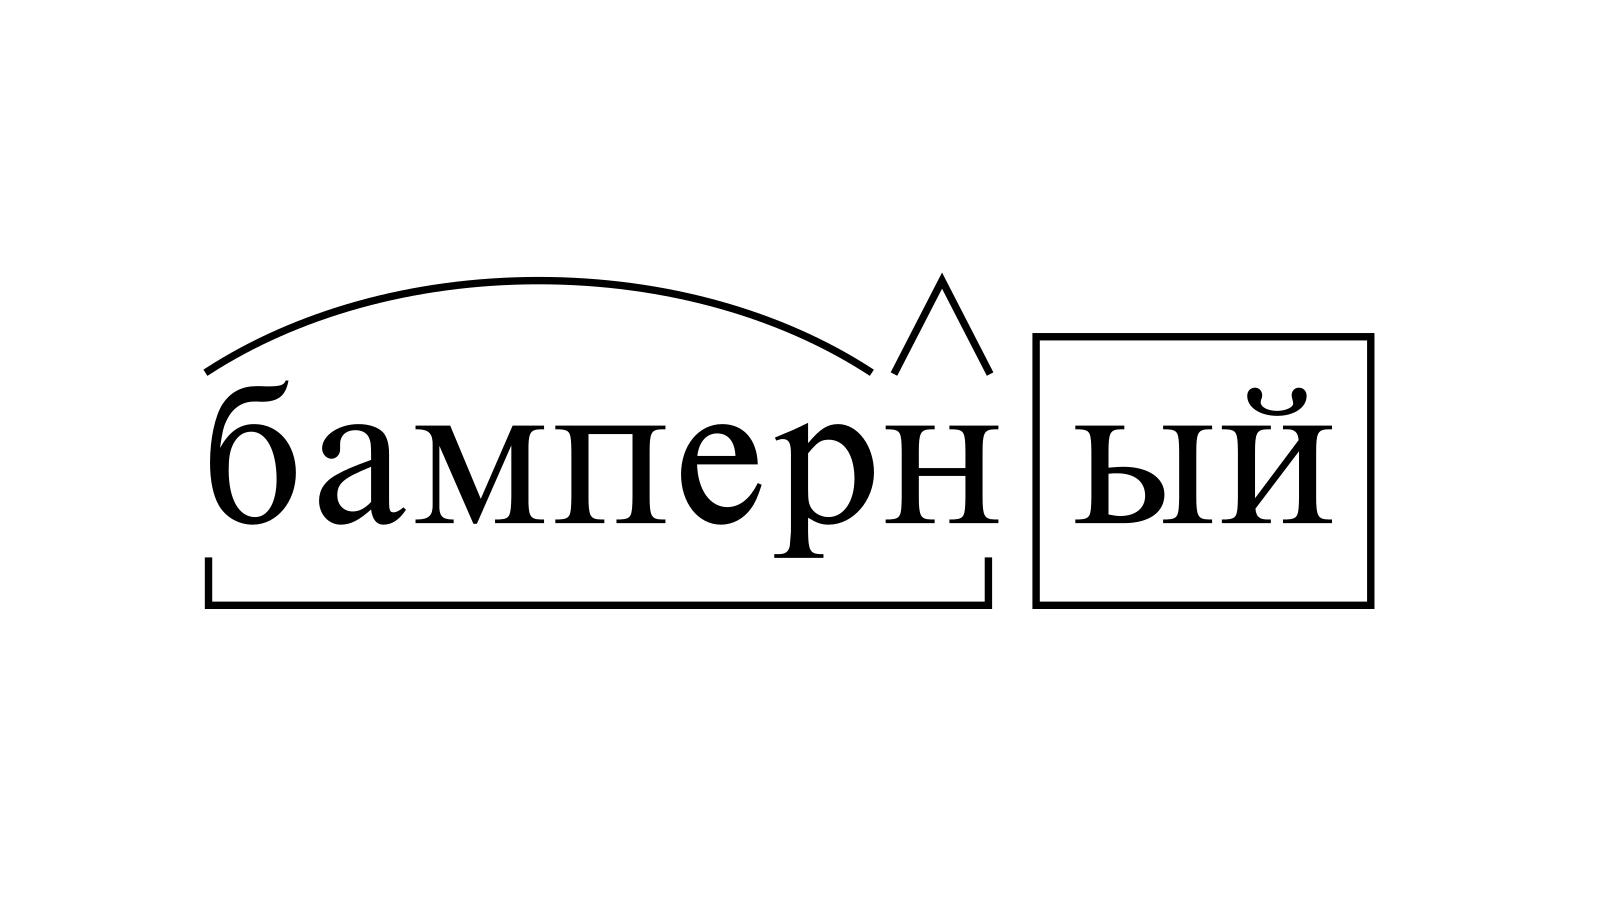 Разбор слова «бамперный» по составу